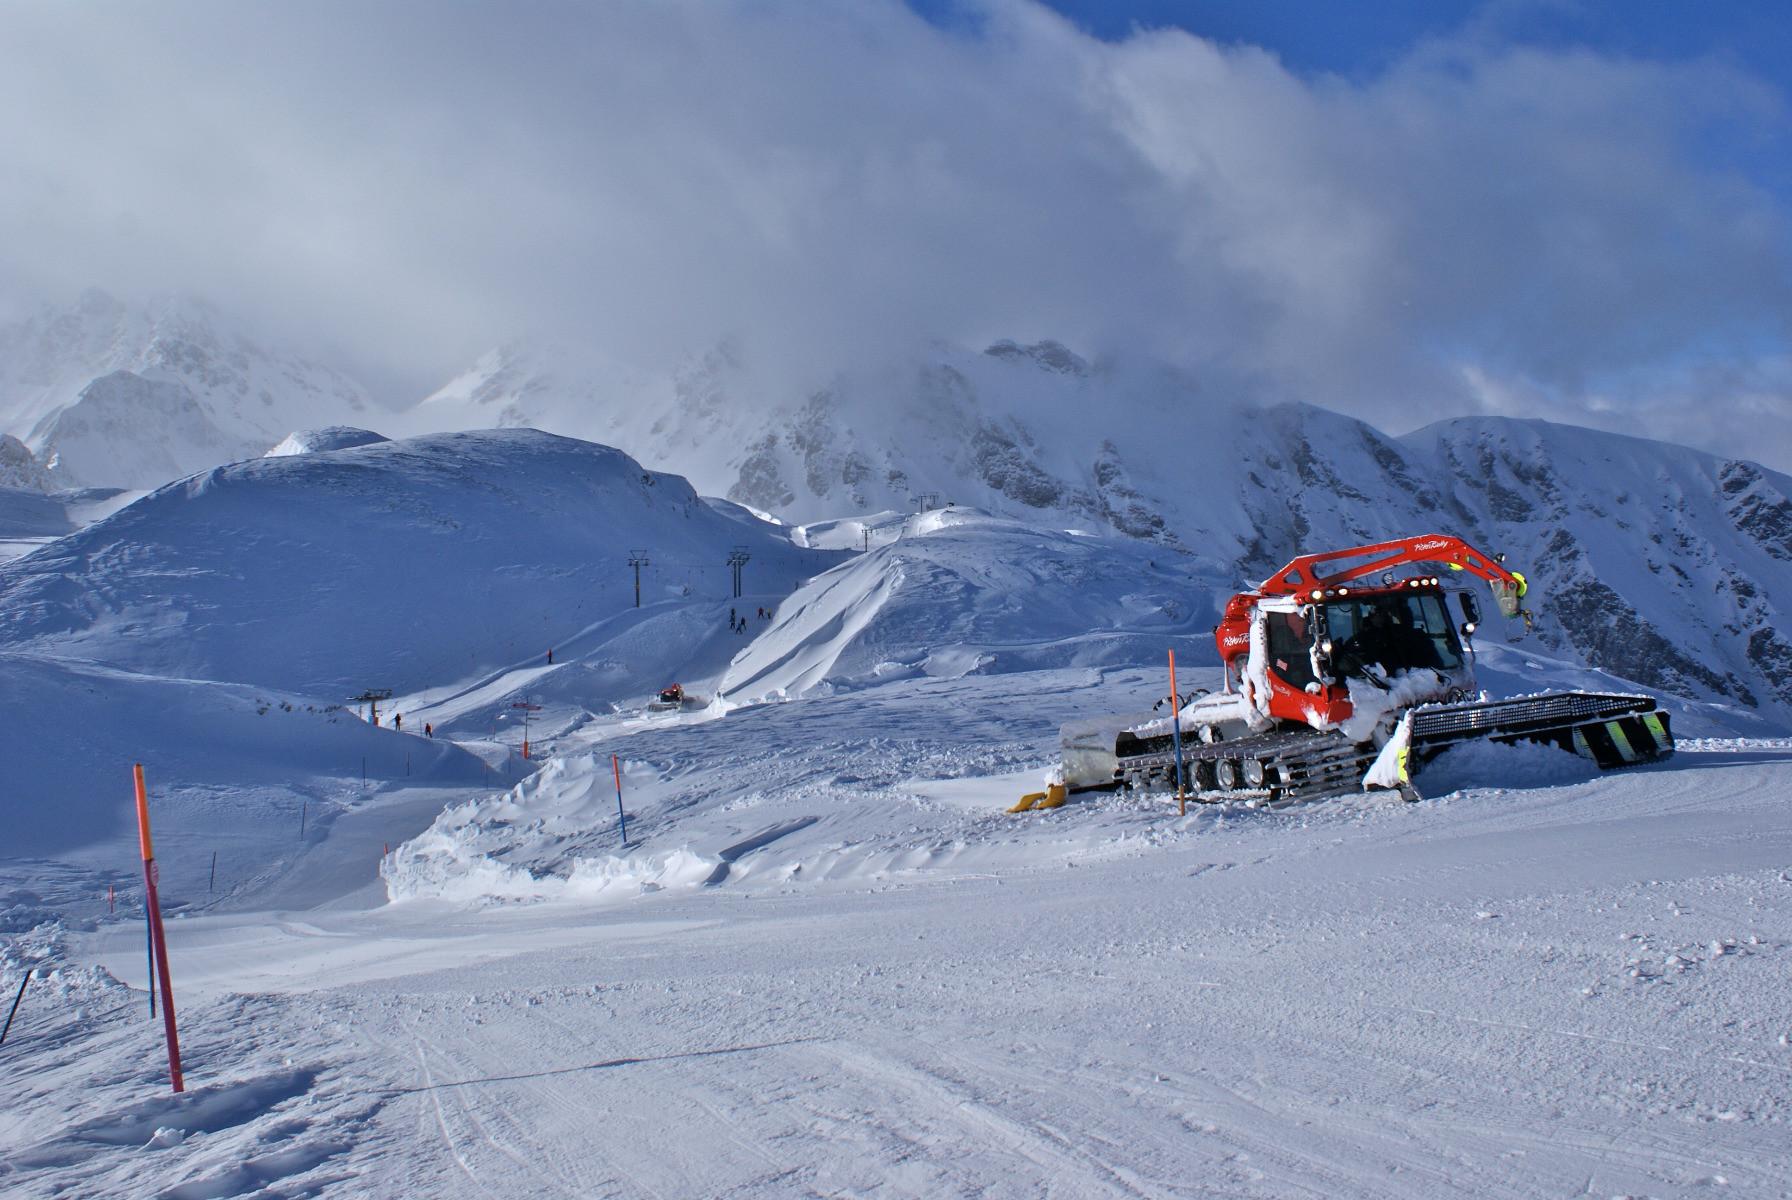 Das Skigebiet ist in zwei Teile geteilt, die durch einen flachen Schlepplift verbunden werdenundefined